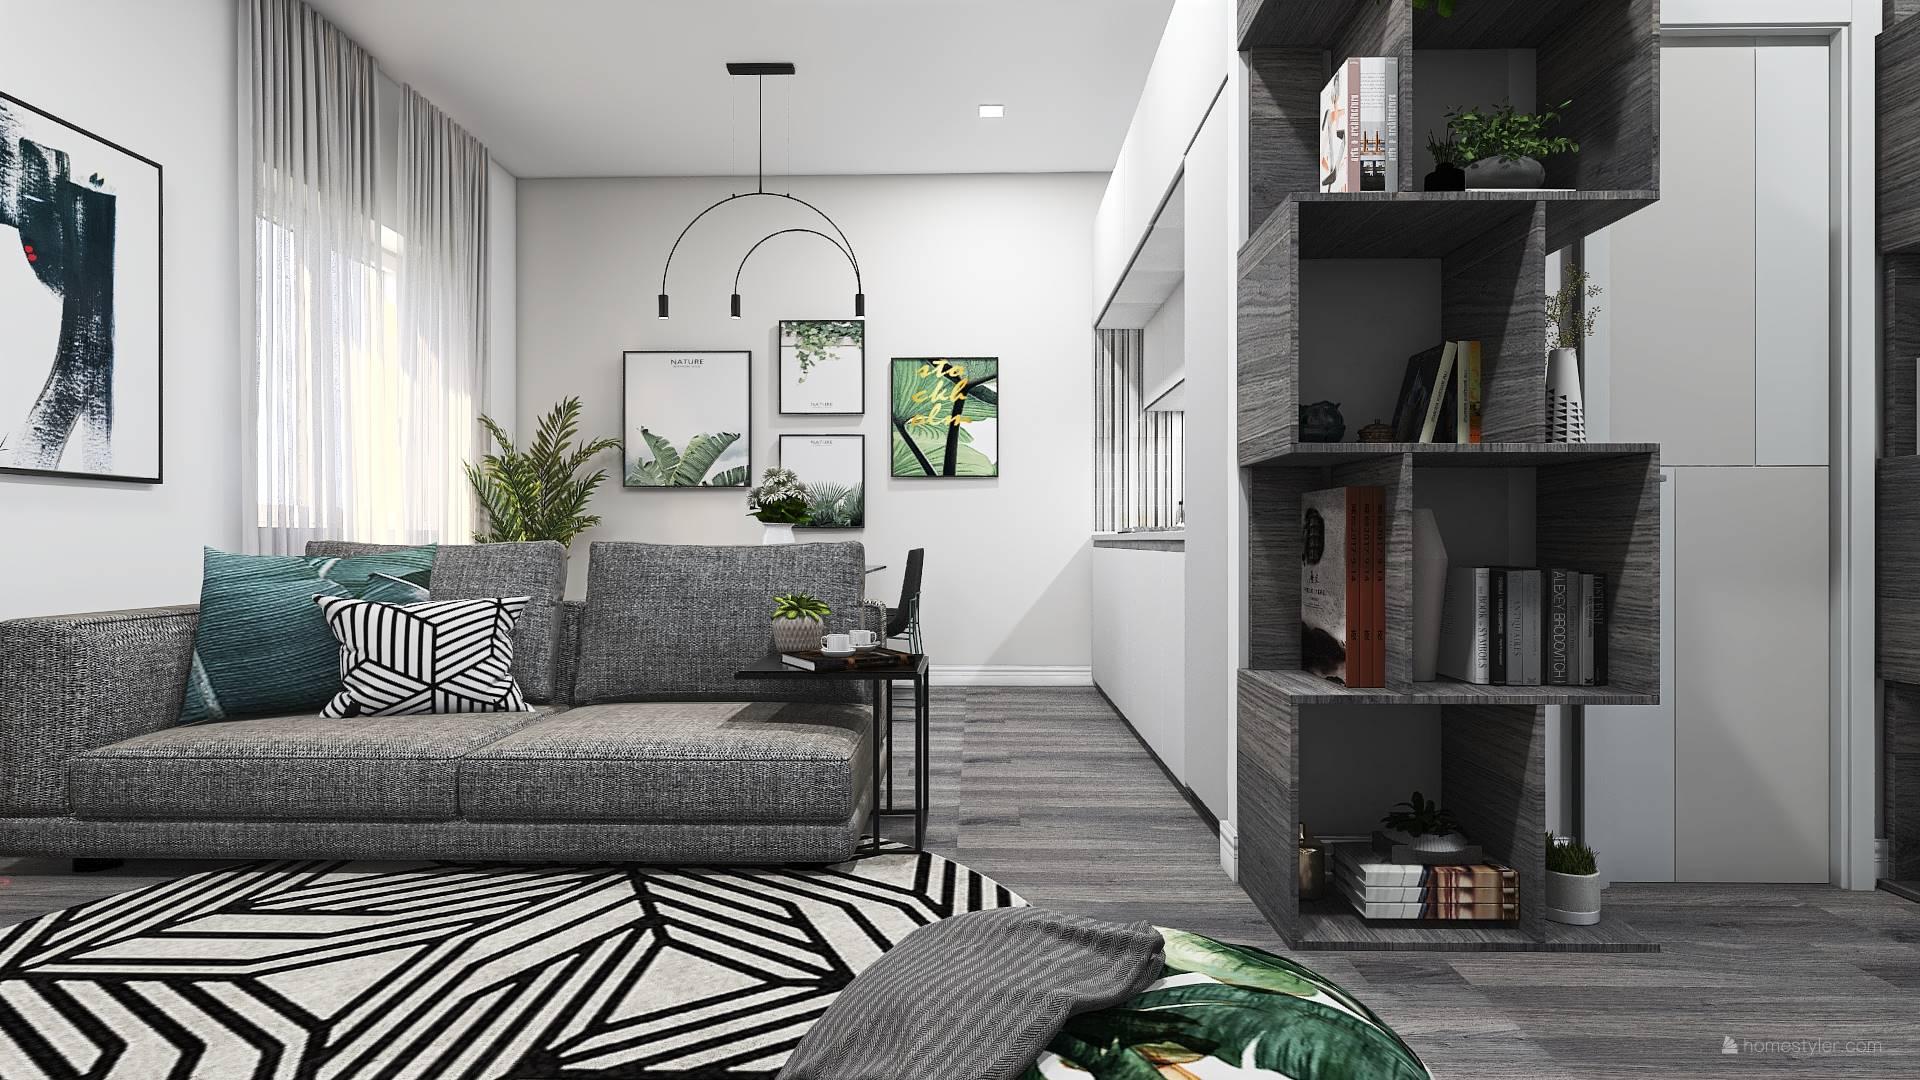 ALBIGNANO, TRUCCAZZANO, Unabhängige Wohnung zu verkaufen von 96 Qm, Renovierungsbeduerftig, Heizung Unabhaengig, Energie-klasse: G, Epi: 301,17